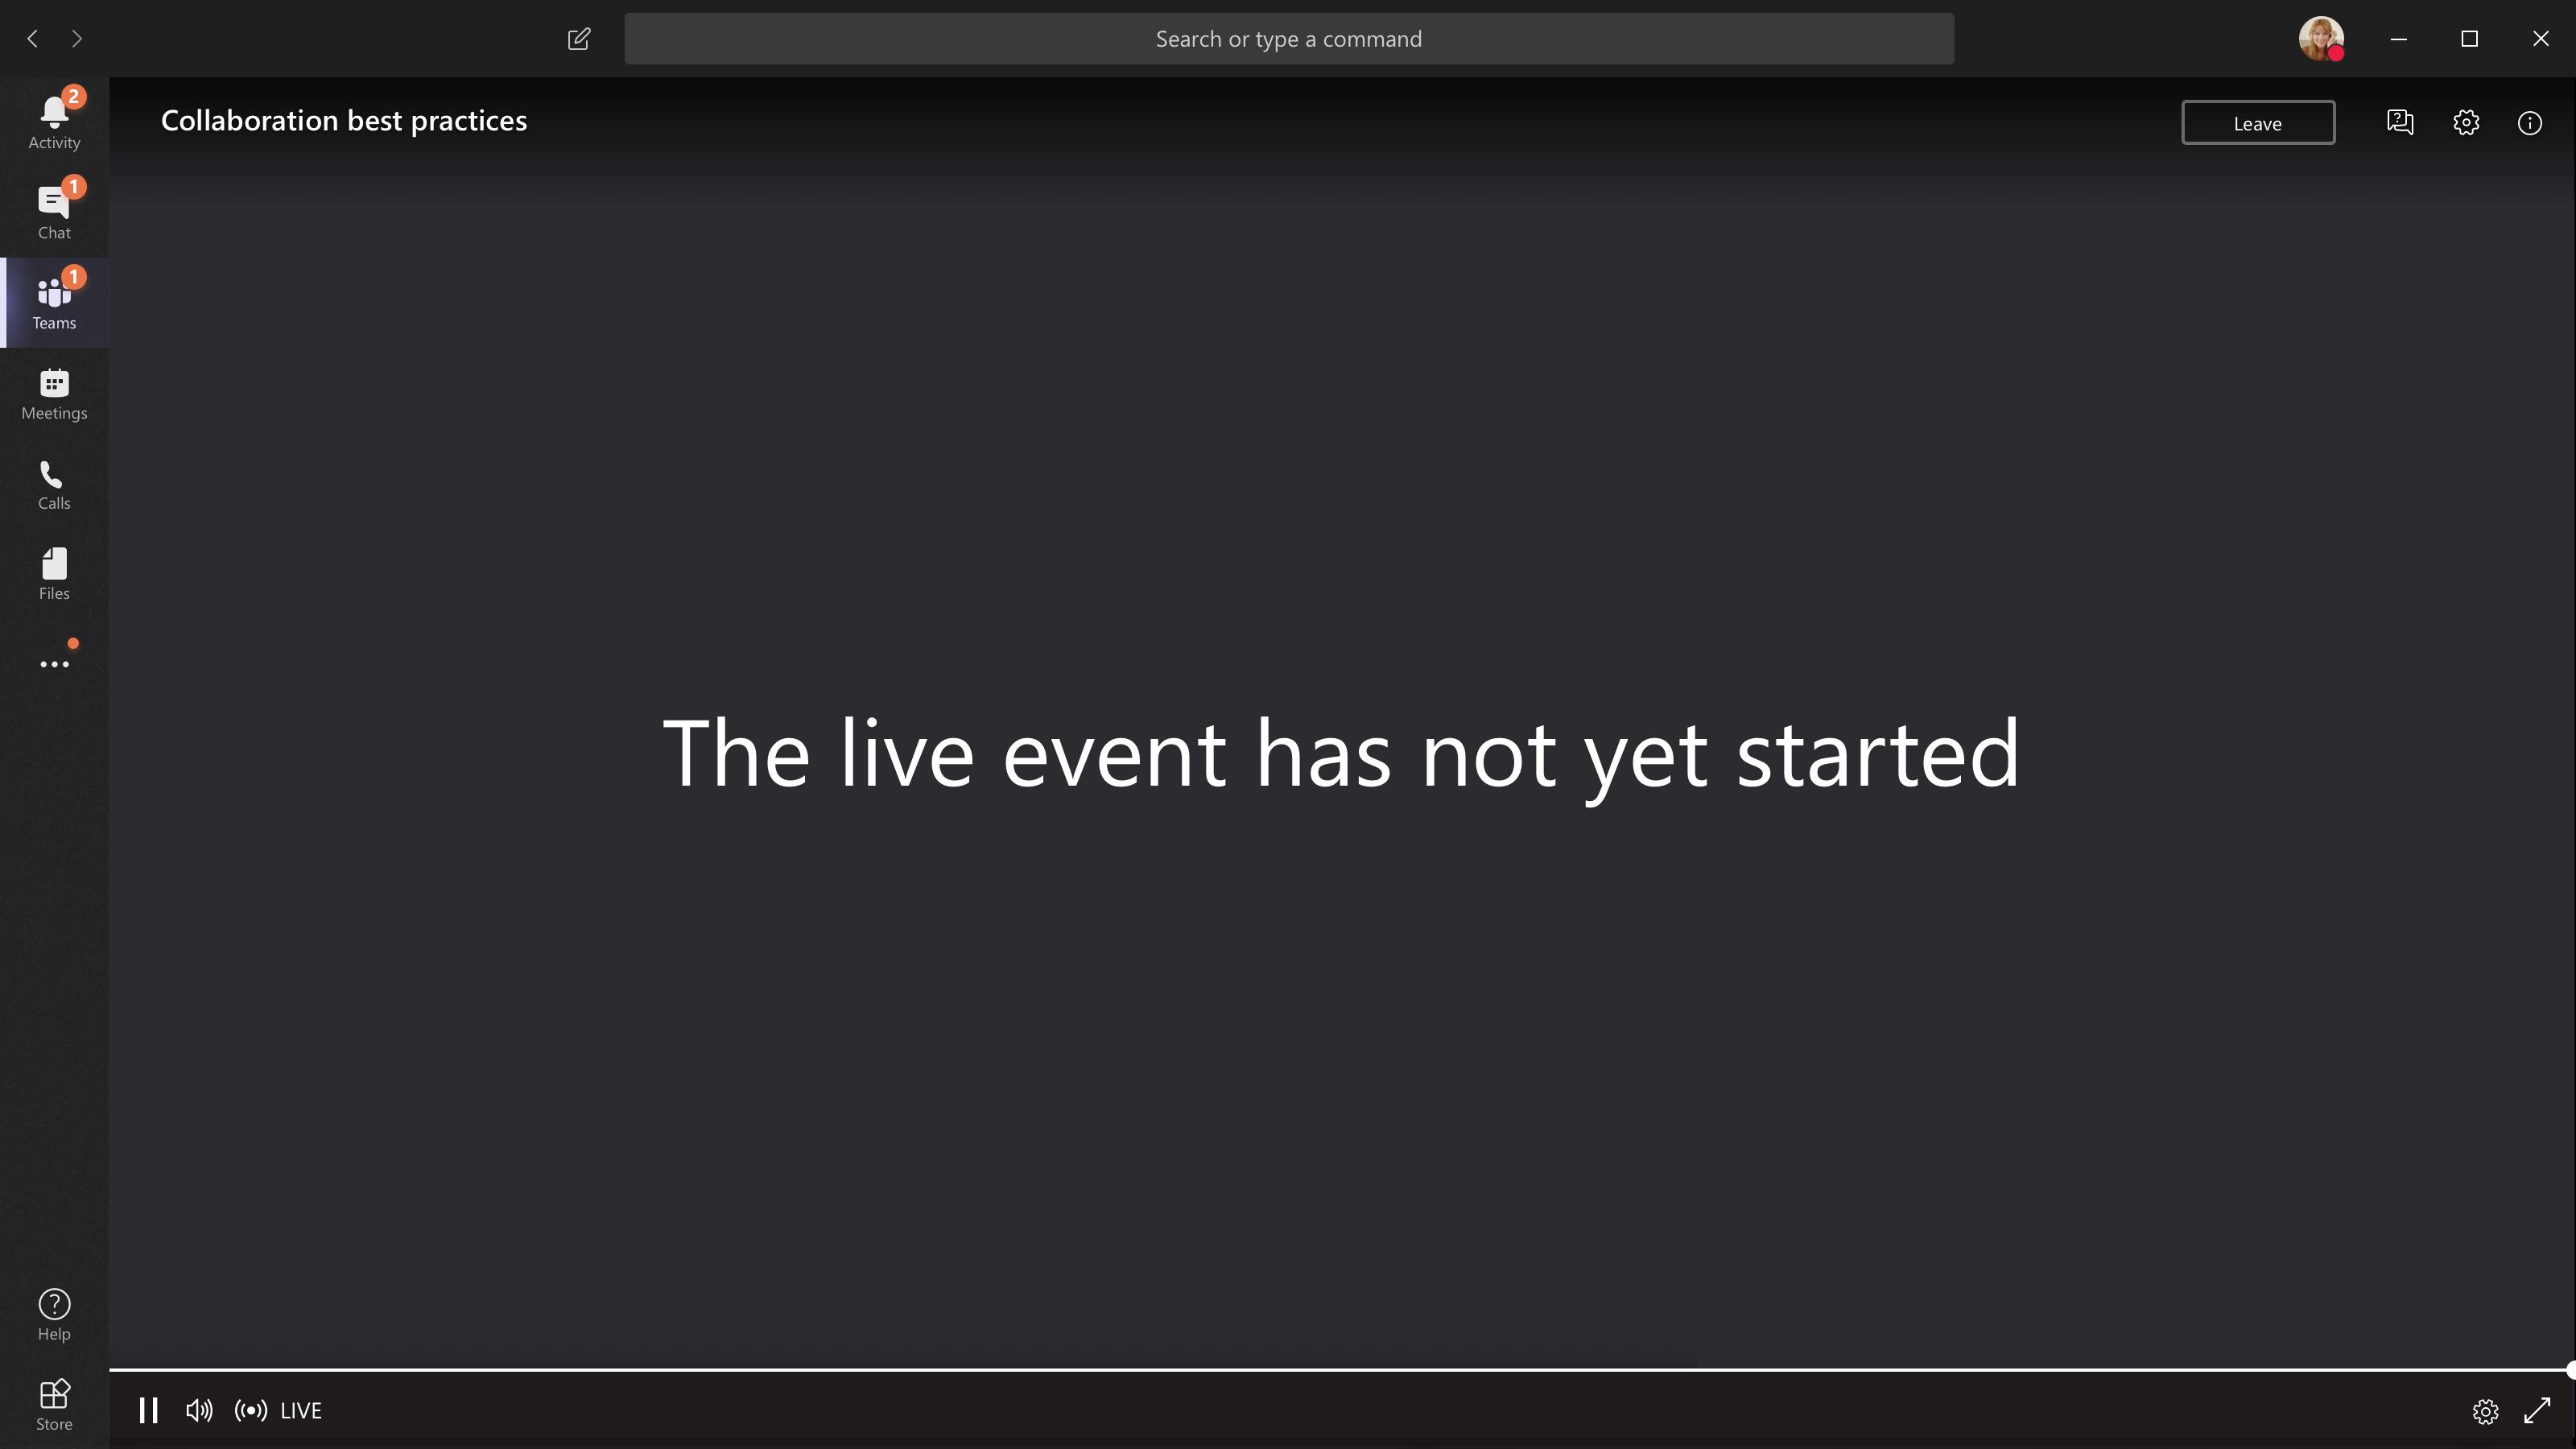 Događaj nije započet